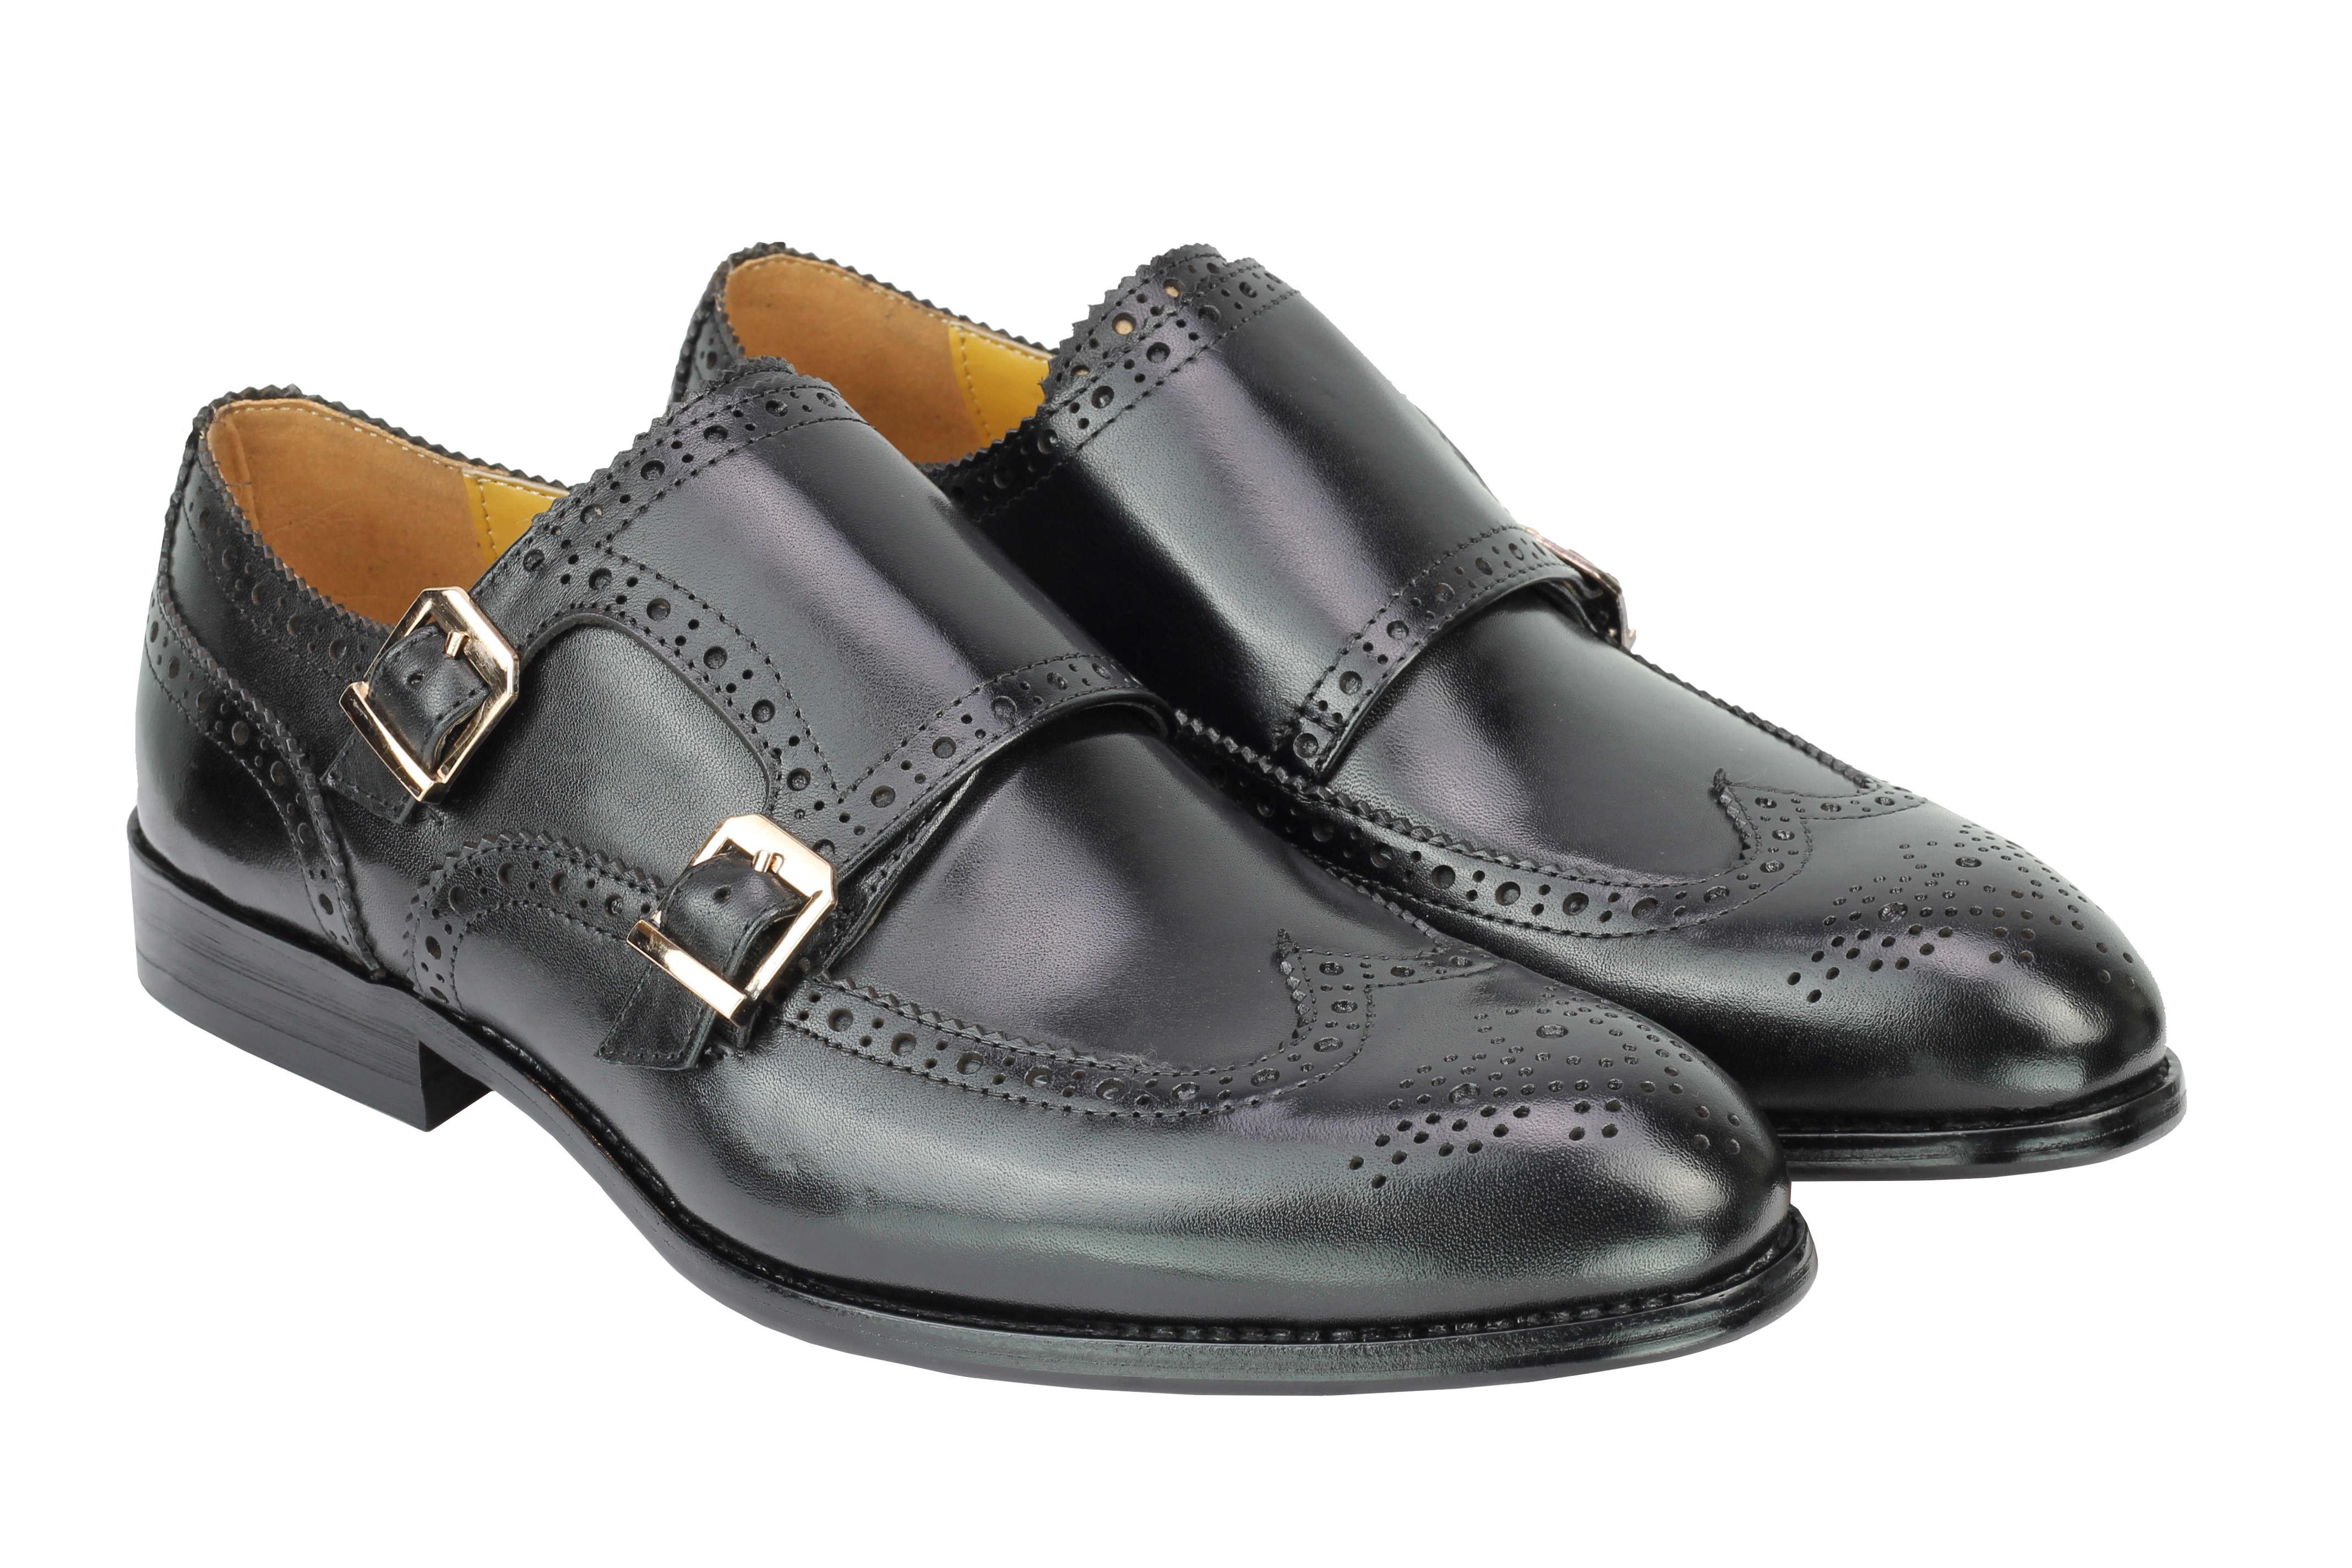 Vintage-pour-homme-Noir-Marron-En-Cuir-Veritable-Richelieu-a-Moine-Chaussures-elegant-Formel-Lacet miniature 3